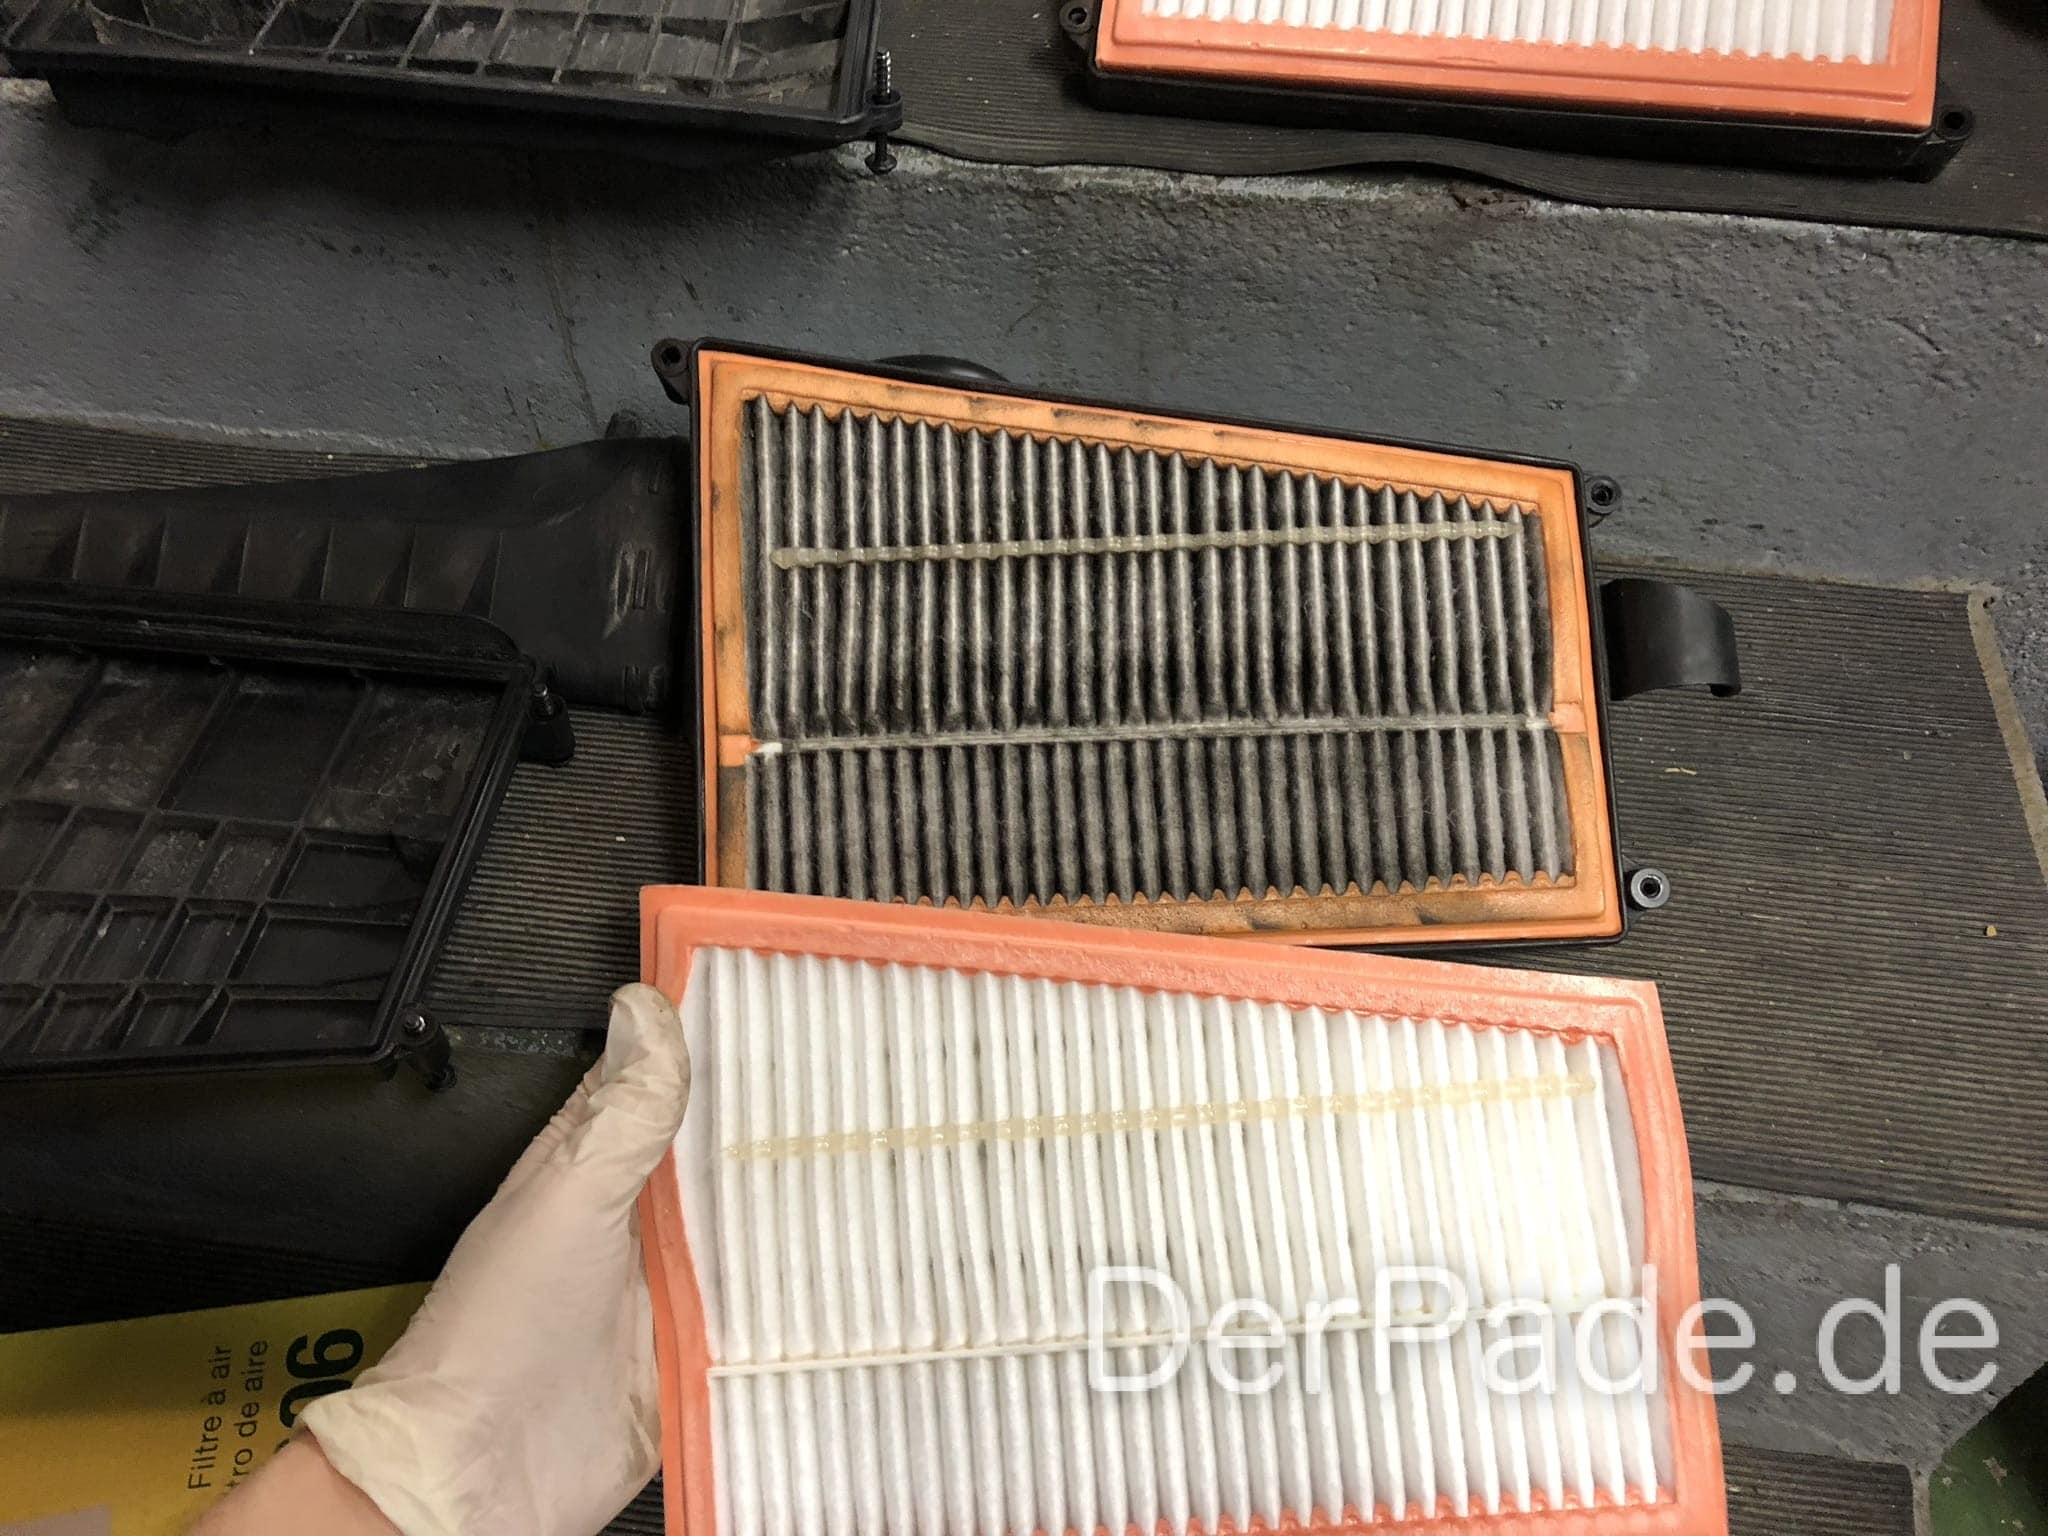 Anleitung: W203 OM642 Luftfilter wechseln